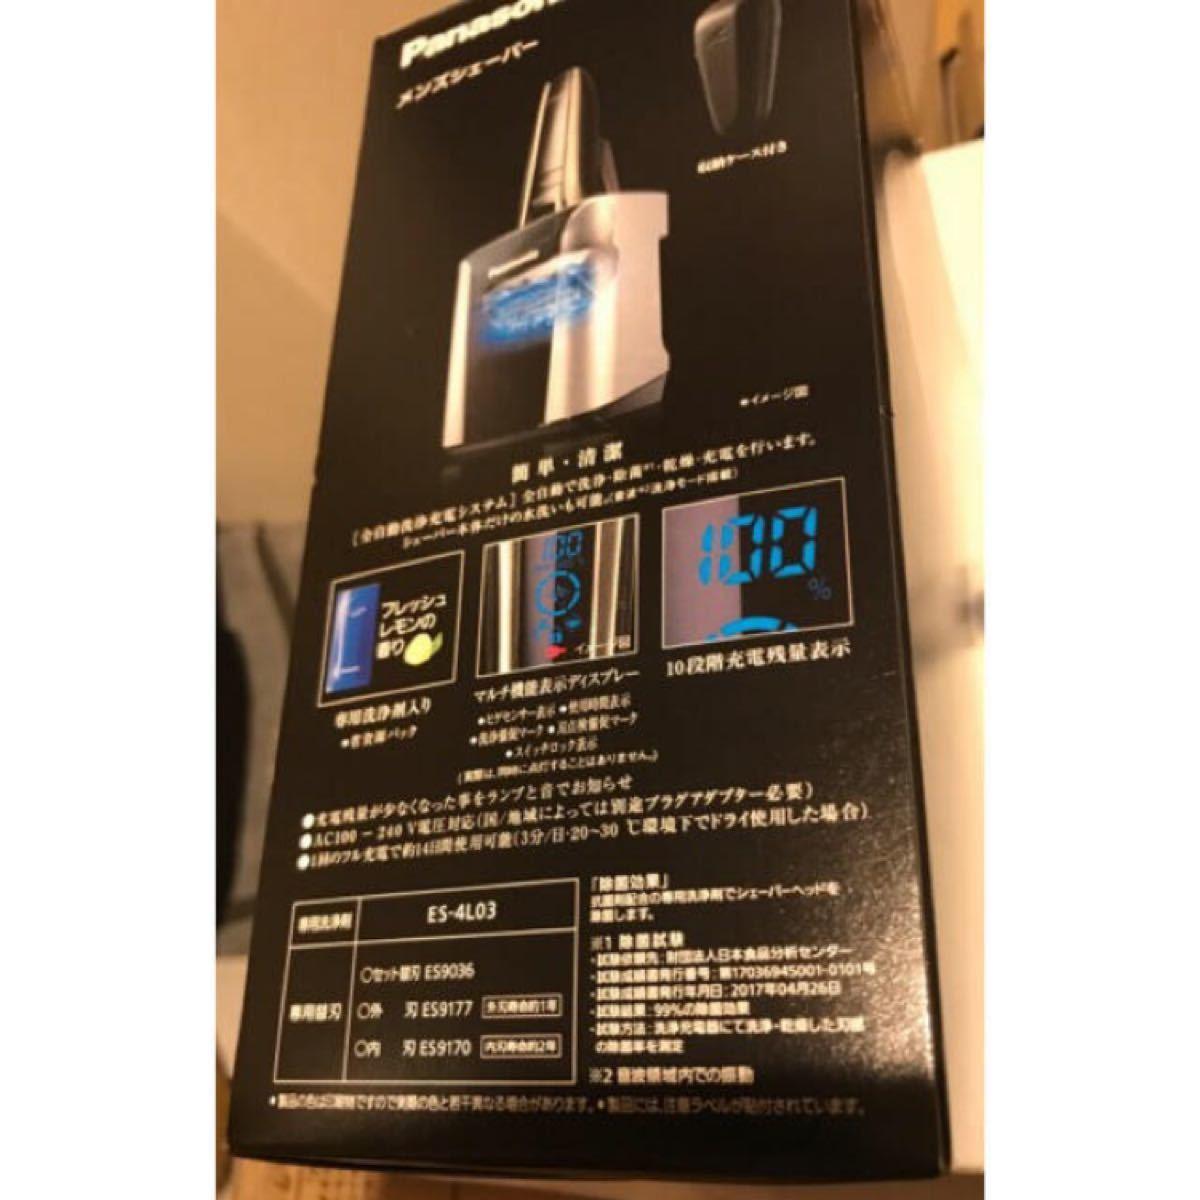 パナソニック 電気シェーバー LAMDASHラムダッシュ ES-CLV9DX-S メンズシェーバー Panasonic 5枚刃